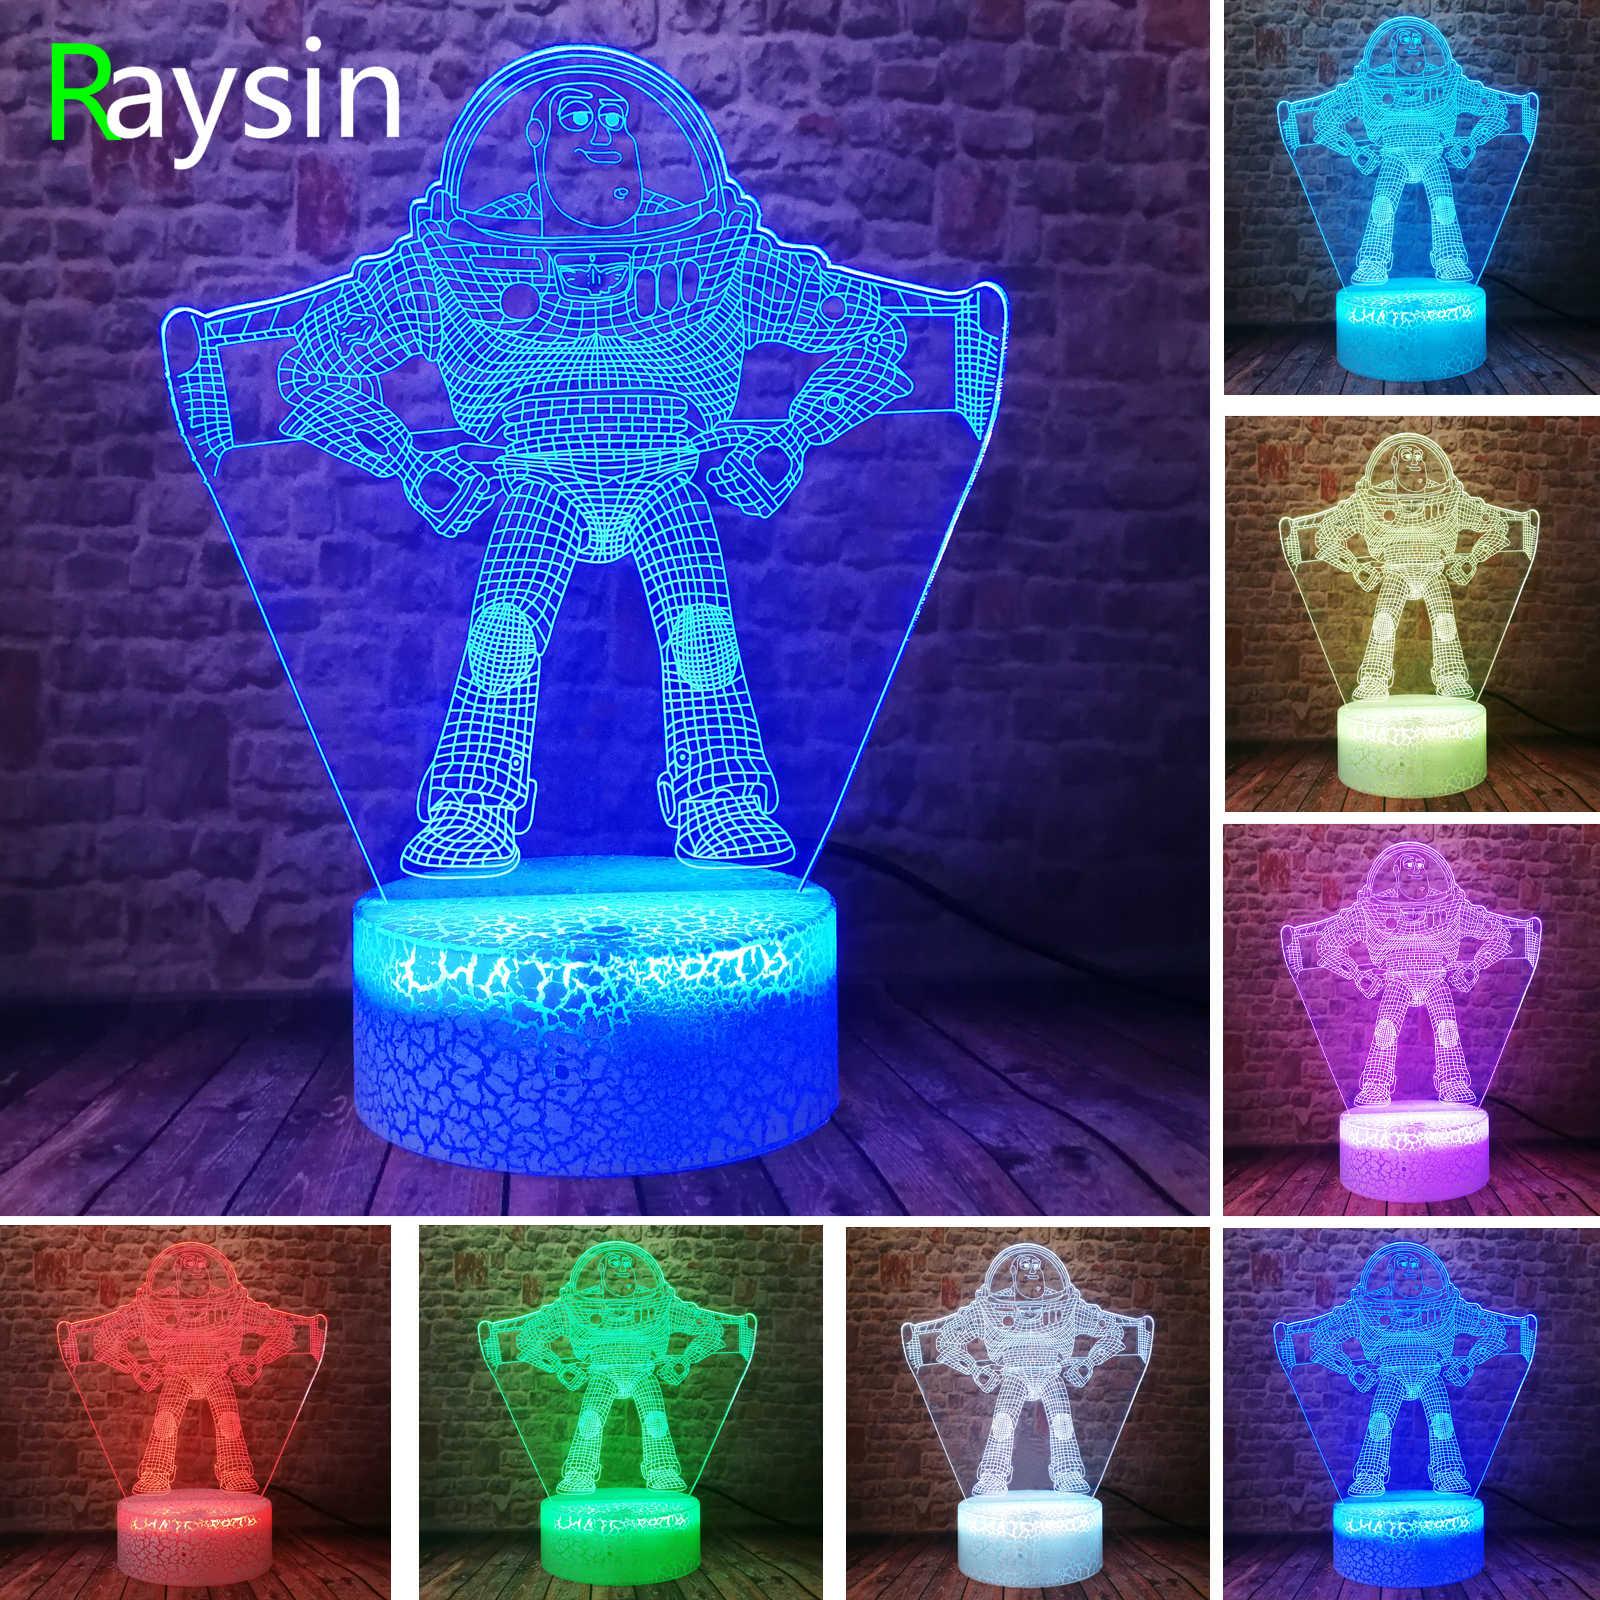 """История игрушек 3D Pixar Ultimate Buzz Lightyear светильник """"Космонавт"""" светодиодный 7 цветов астронавт фигурка ночник украшение для спальной комнаты мальчиков детские подарки"""